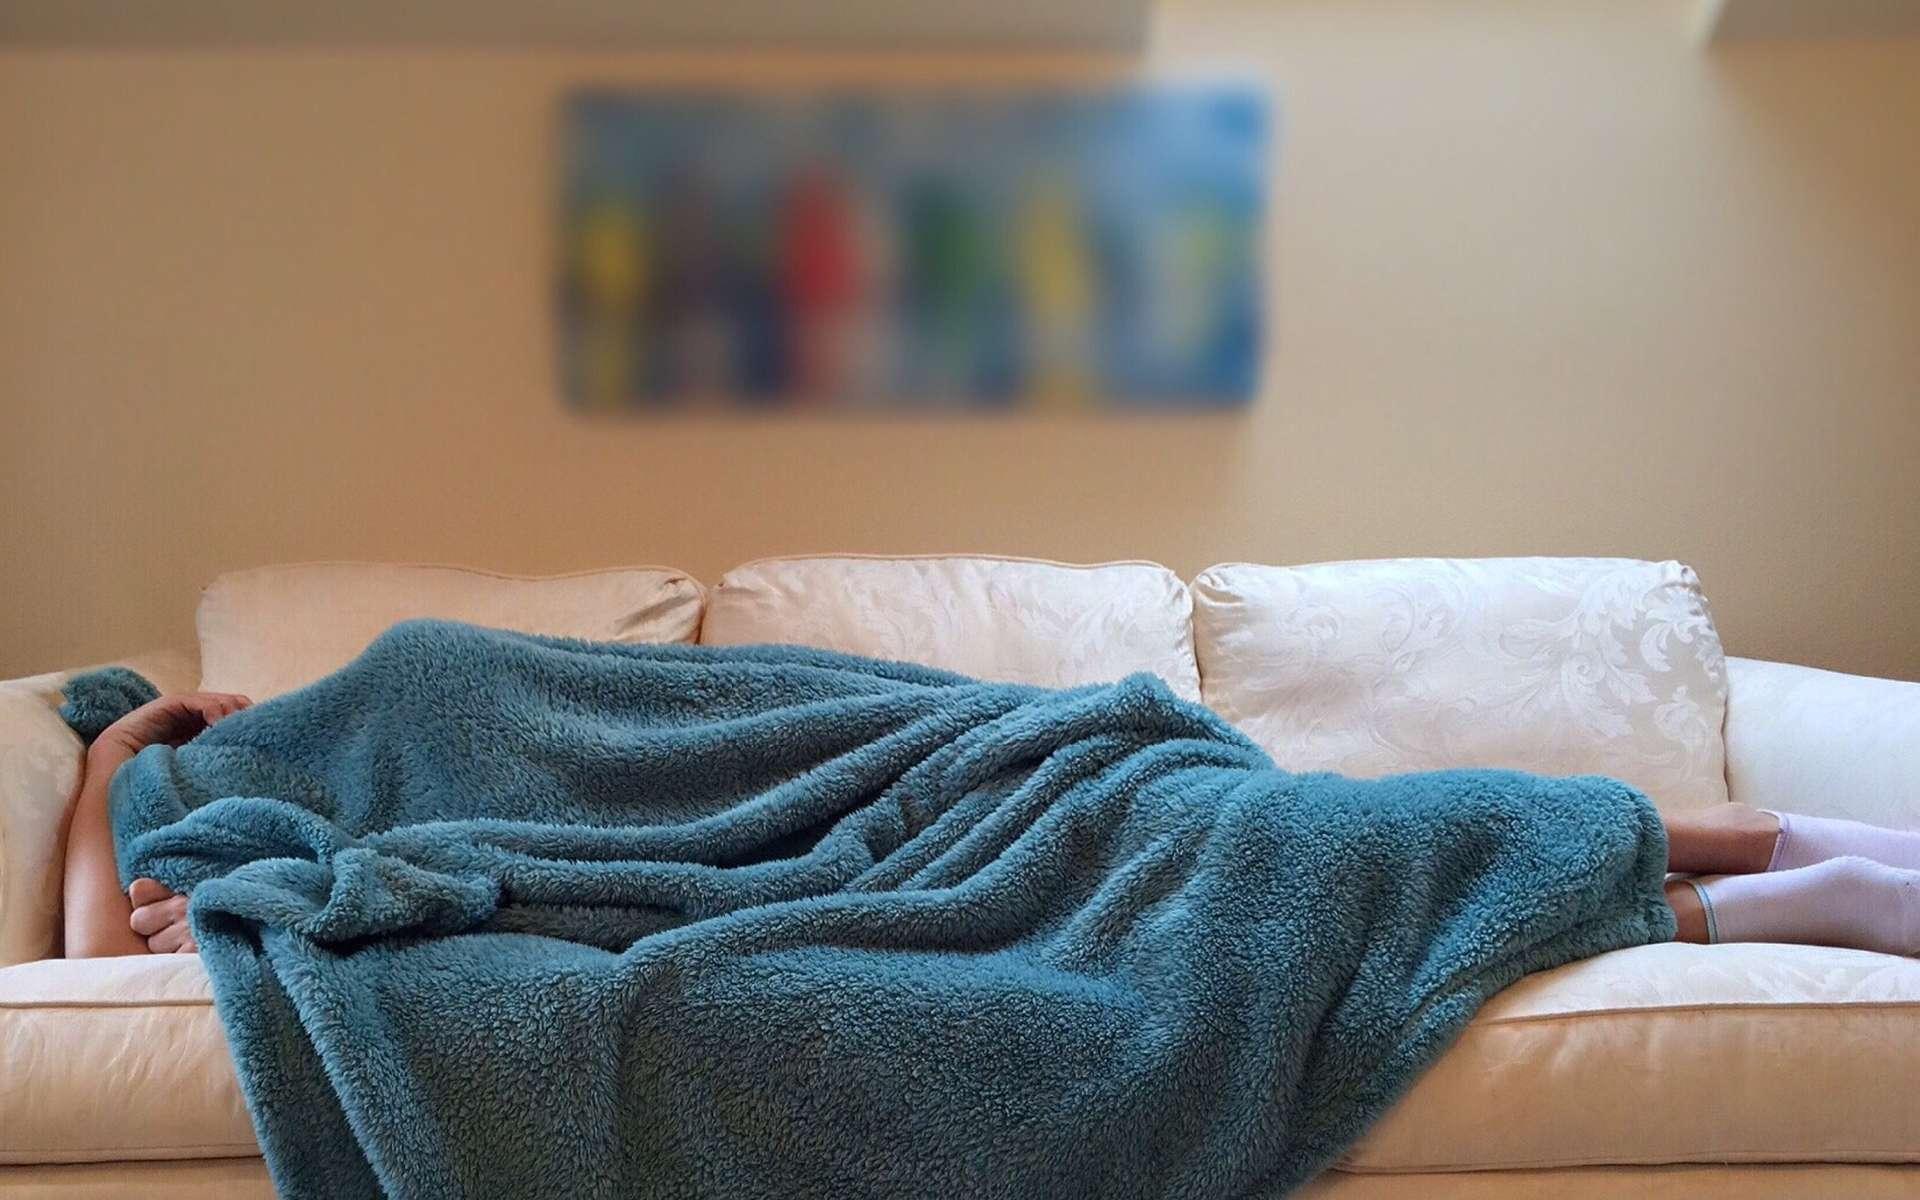 Les troubles de stress post-traumatiques entraînent le plus souvent des cauchemars. © Wokandapix, Pixabay